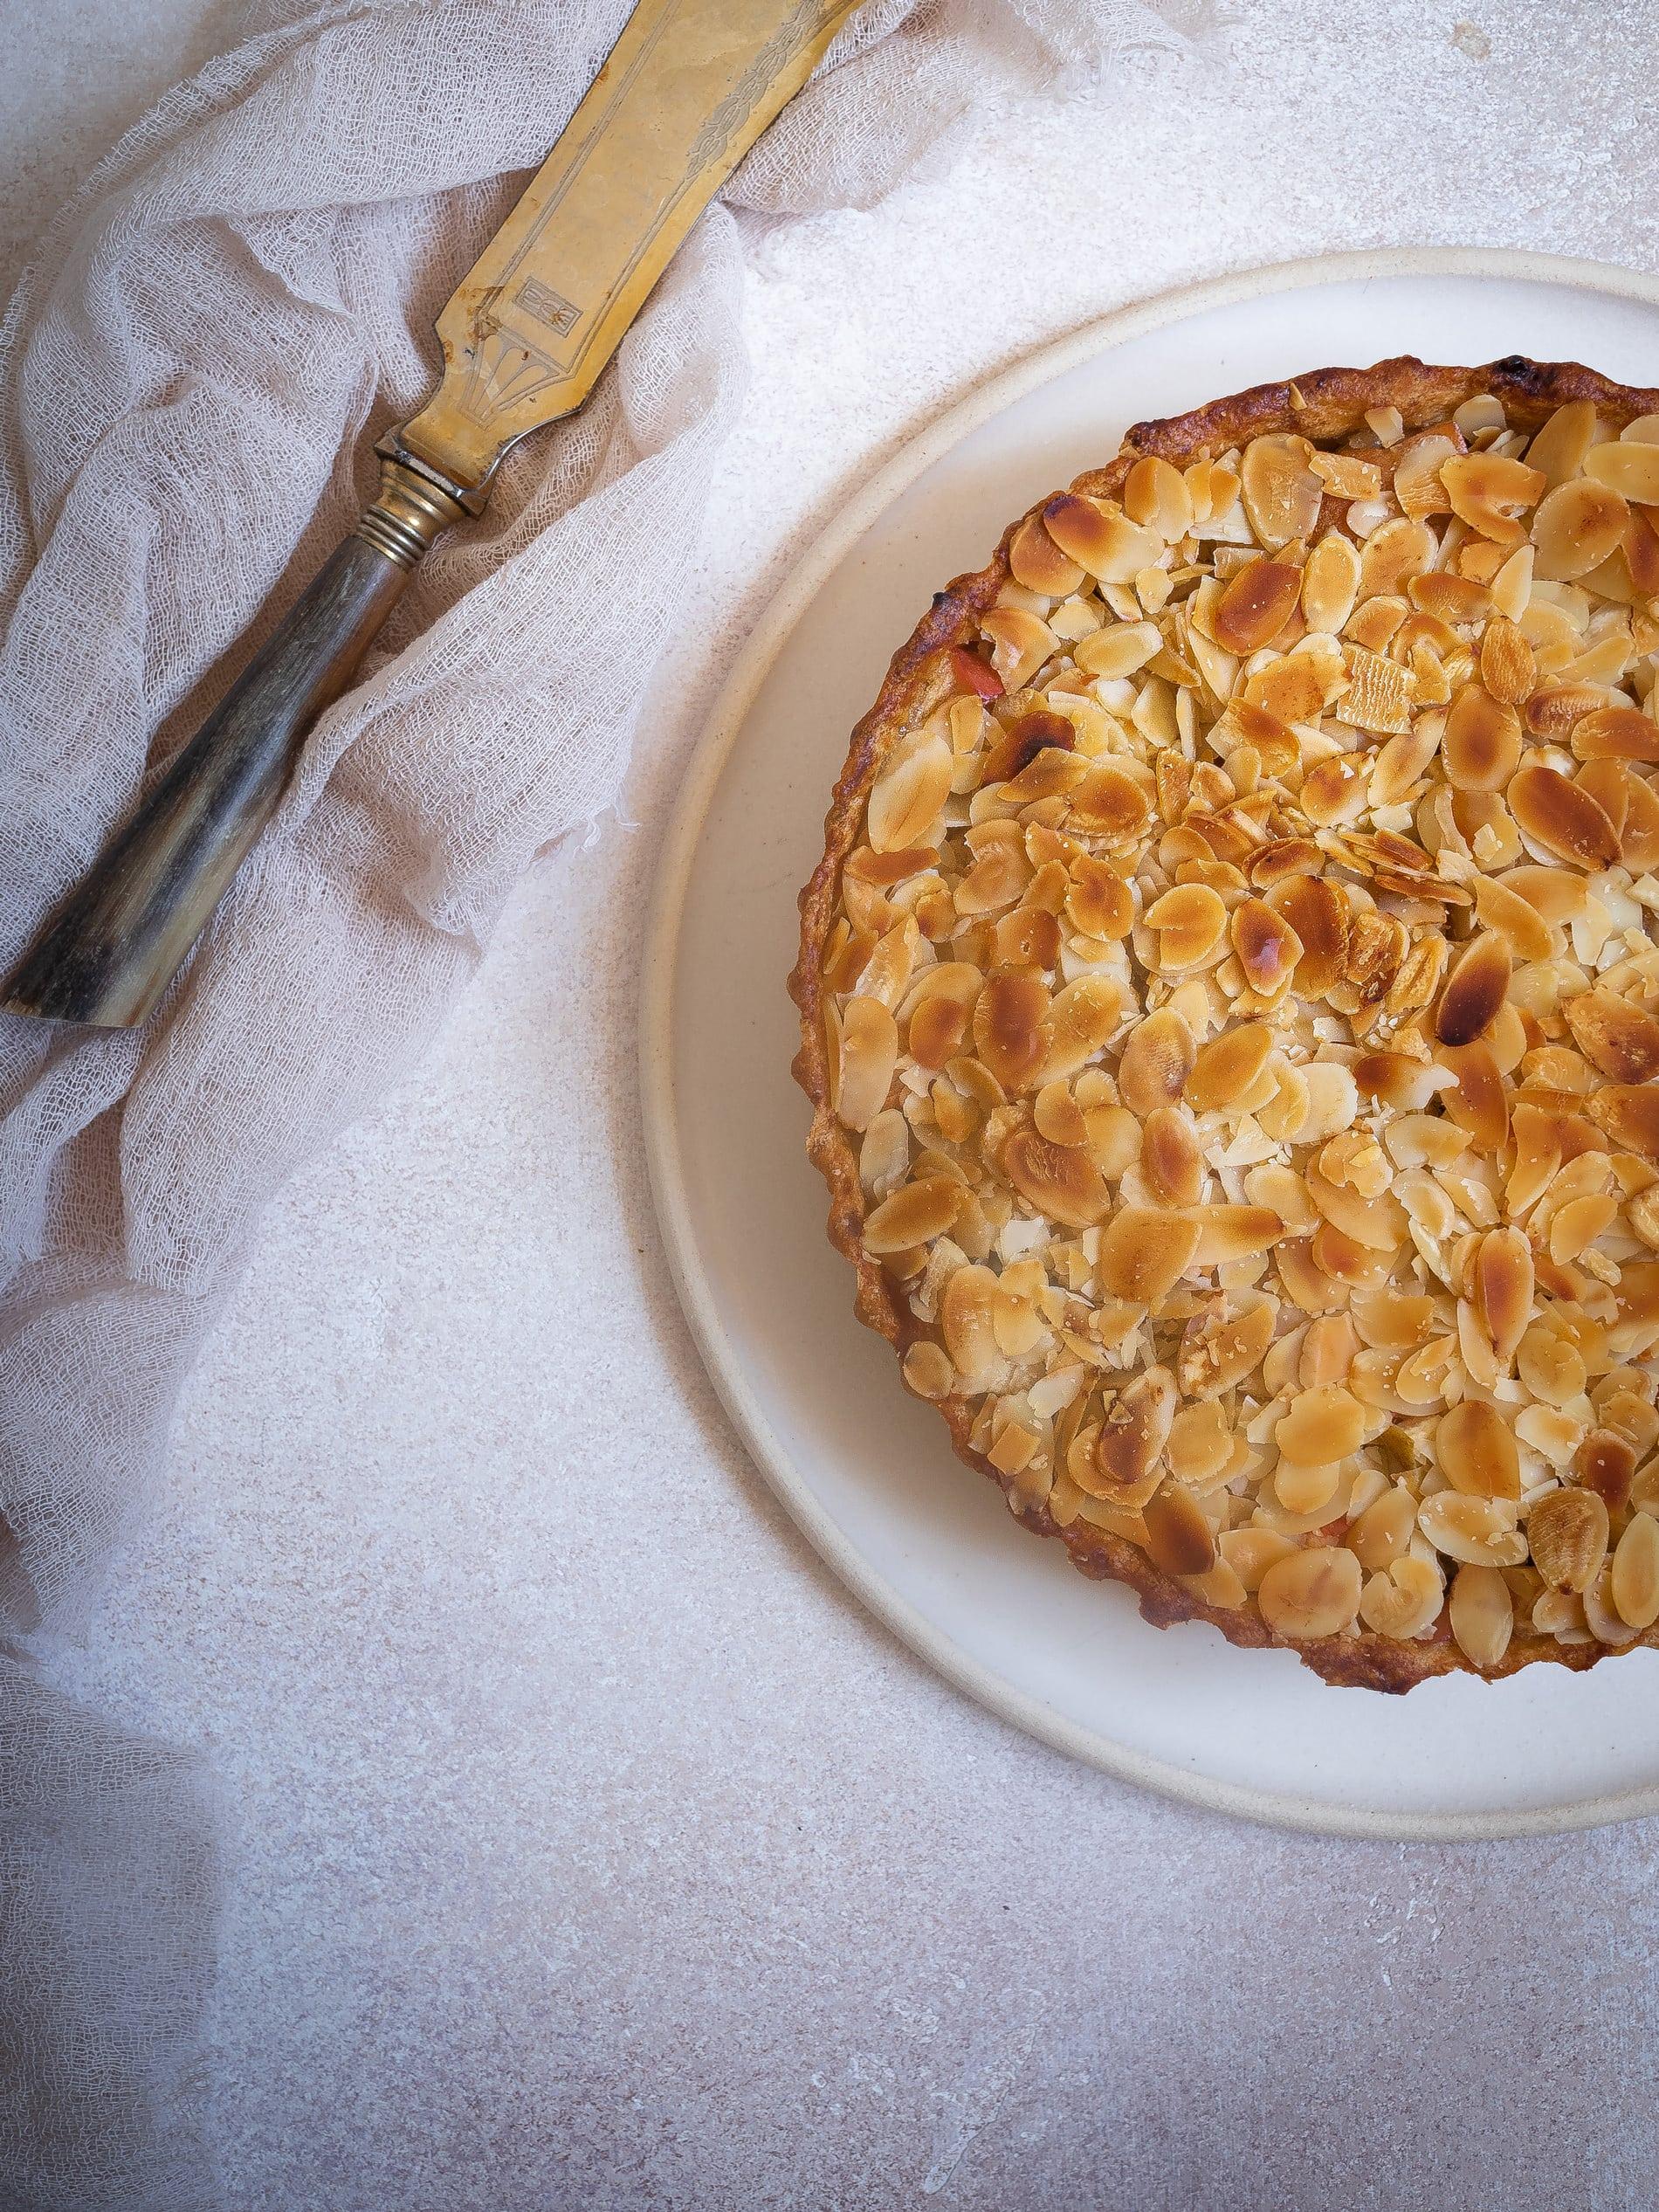 Apfelkuchen mit Marzipan. Einfach, saftig und mit Mandeln. Schneller Apfelkuchen. Vegan, Gesund, mit Zimt. @happymoodfood